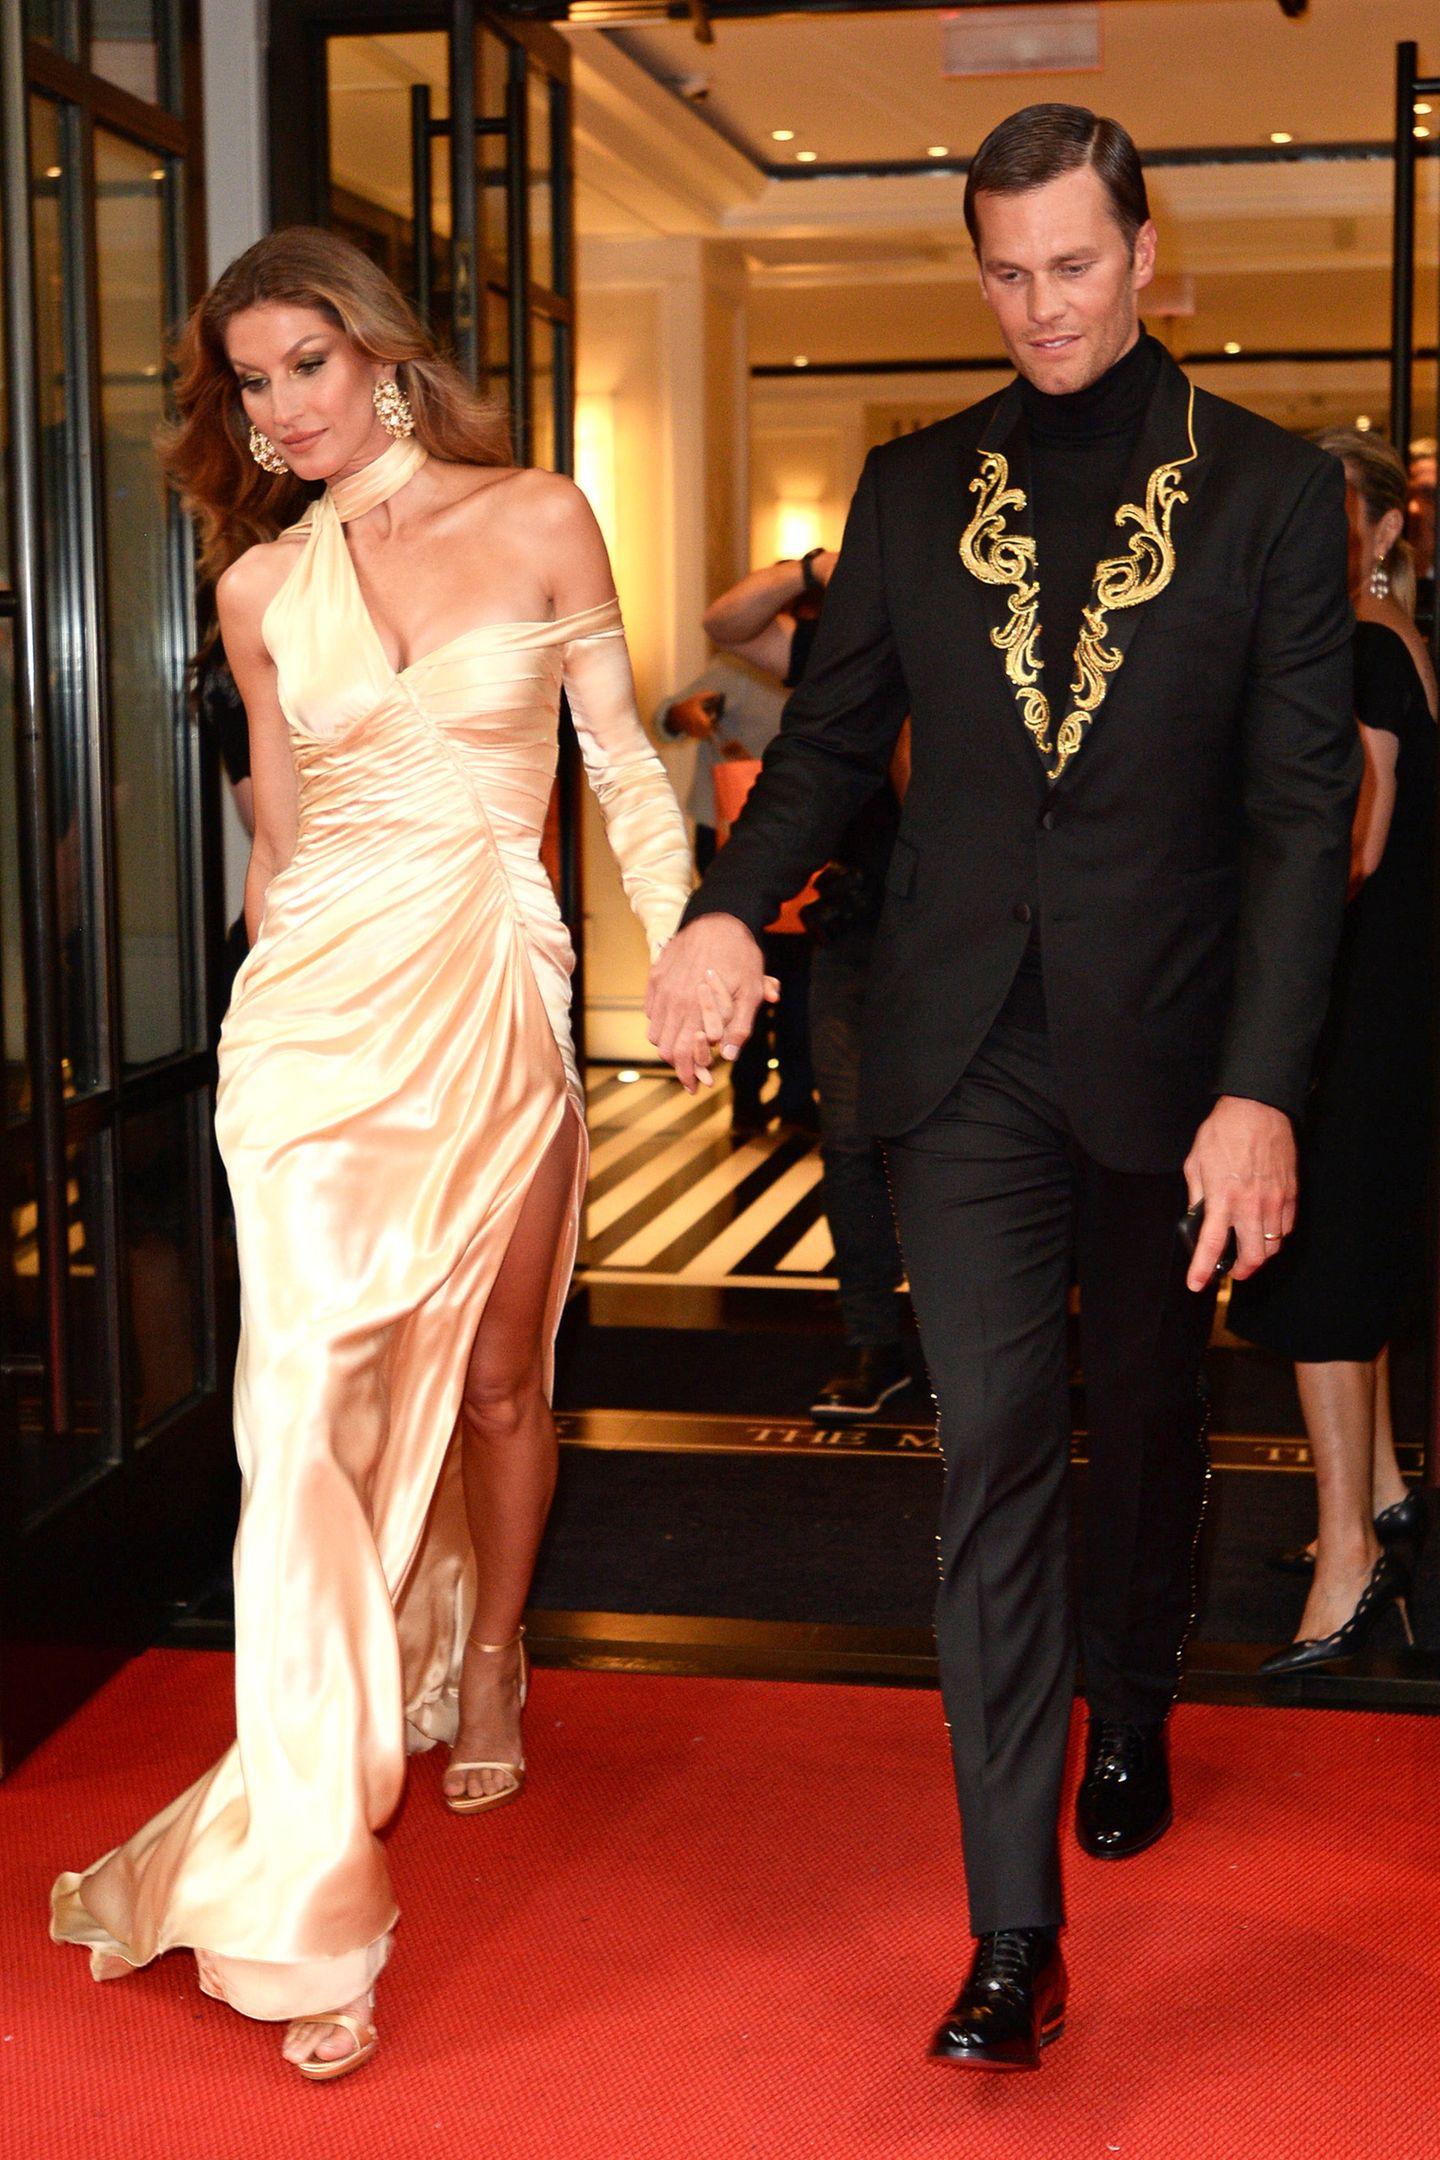 Auch wenn ihre Beziehung zu Hollywood-Star Leonardo Di Caprio vielleicht glamouröser schien, die Beziehung (seit 2006) und die Ehe (seit 2009) mit Football-Profi Tom Brady scheint sie endgültig glücklich zu machen. Trotz aller Schwierigkeiten.